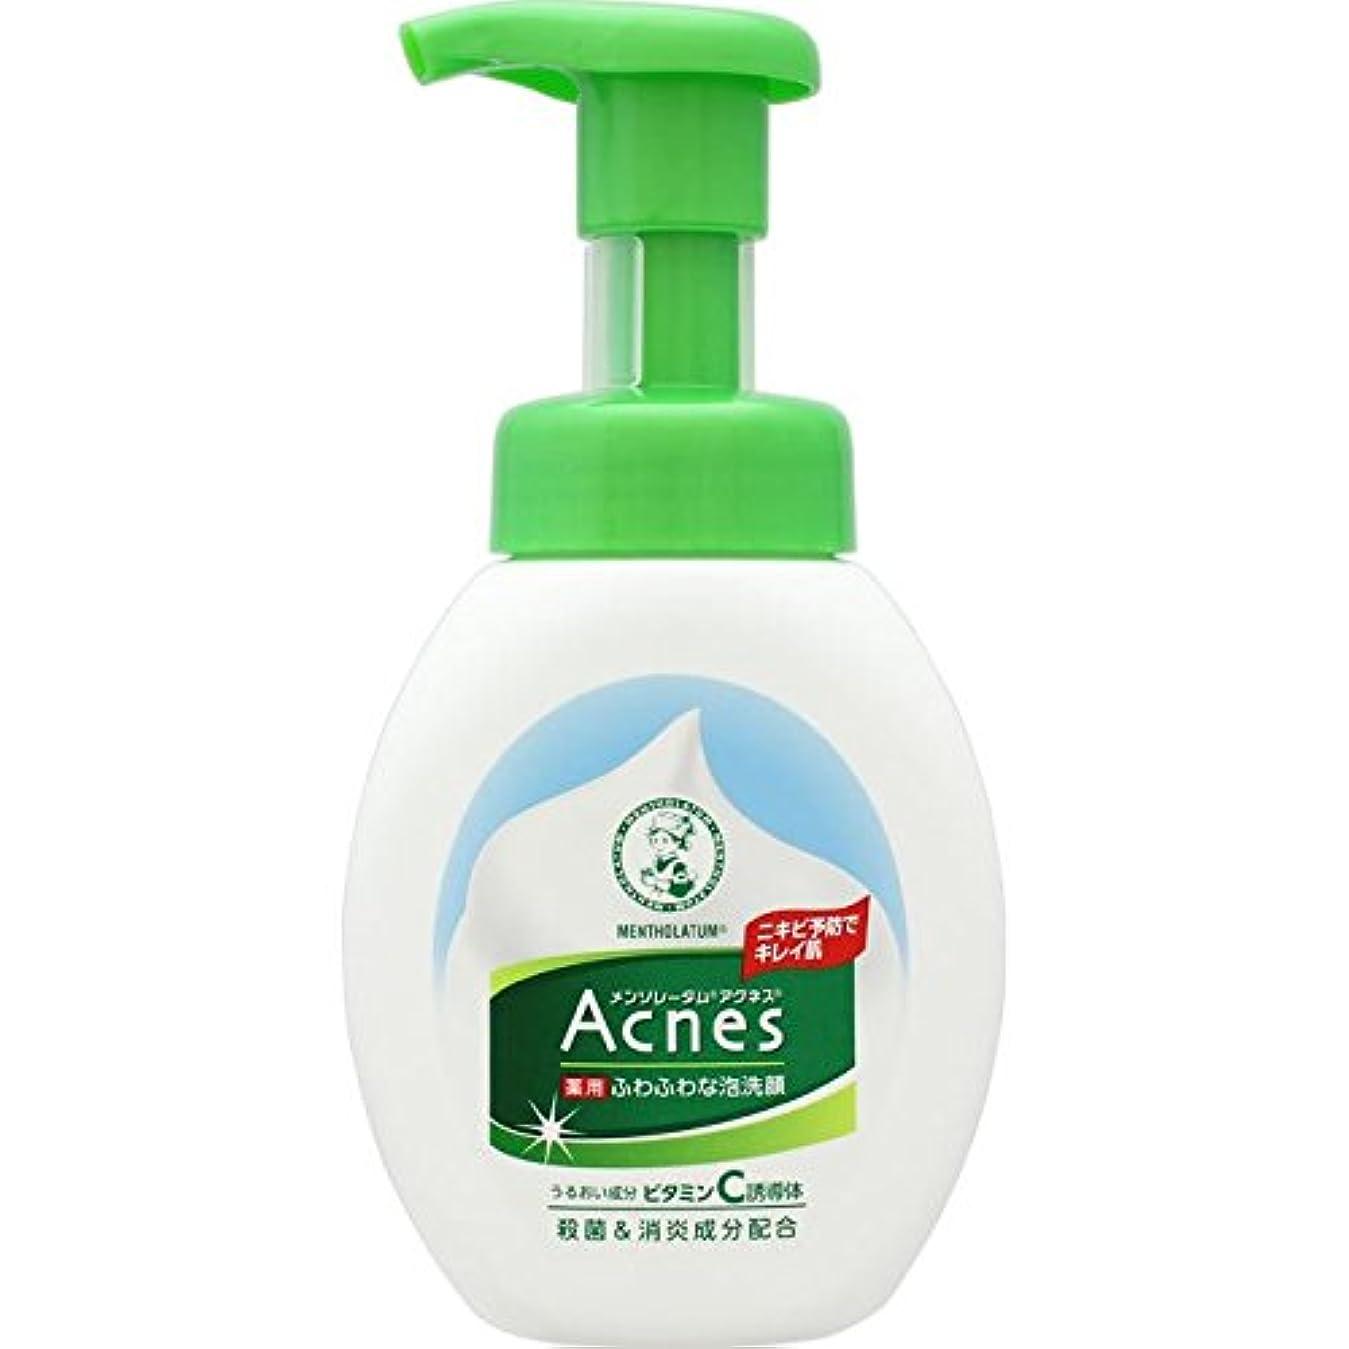 時間とともに表示貫入Acnes(アクネス) 薬用ふわふわな泡洗顔 160mL【医薬部外品】